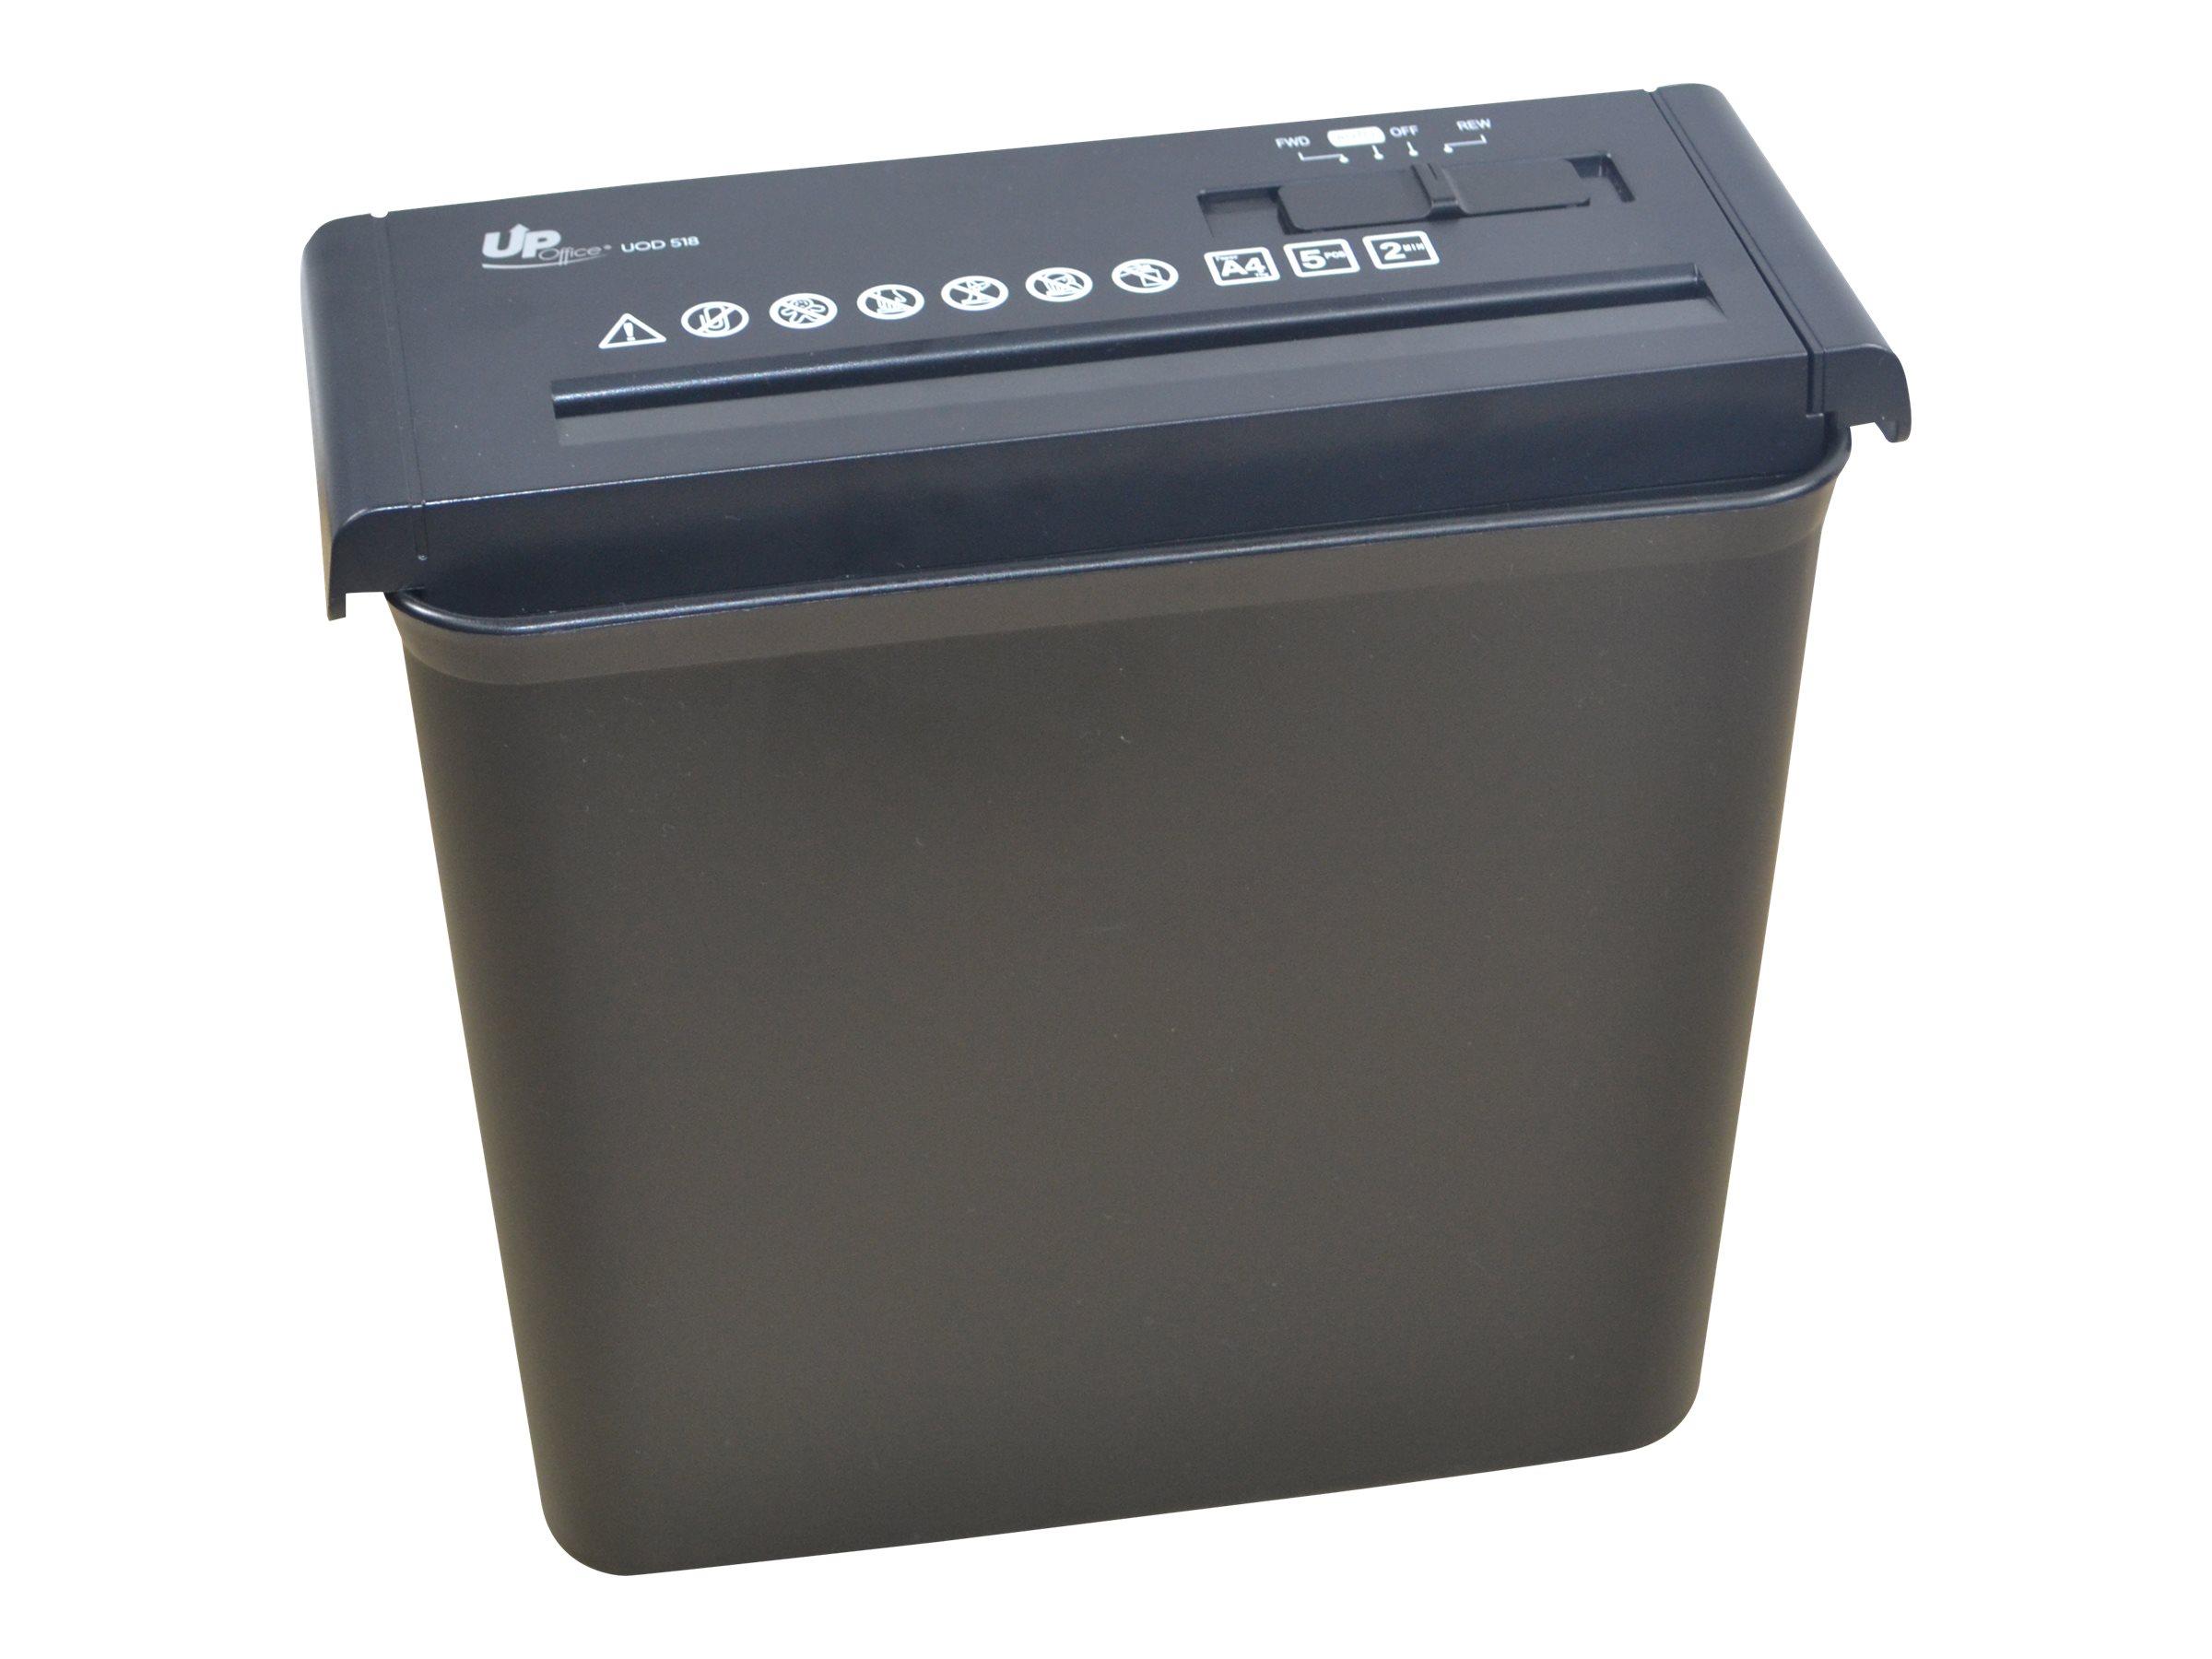 UP-Office UOD 518 - destructeur de documents coupe droite - 5 feuilles - Corbeille 10 litres